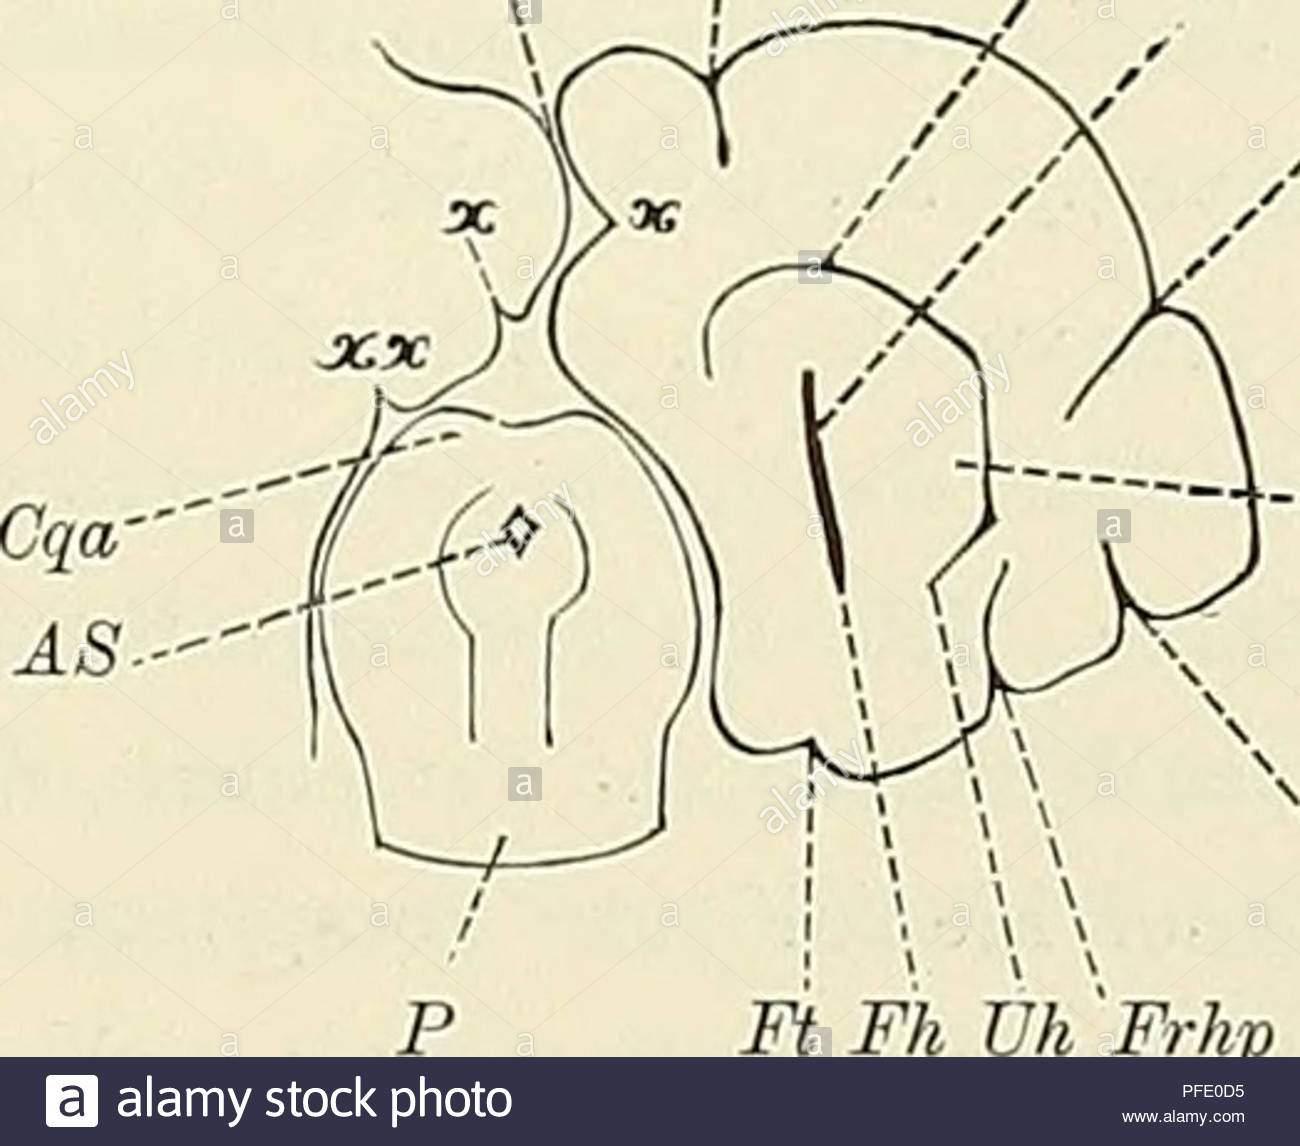 denkschriften der medicinisch naturwissenschaftlichen gesellschaft zu jena abb iimms fpsa sh fo fasp ne fpsa sie bh frhp fpspt fpsa fpspt ft fh uh frhp abb 6 gehirn von echidna hystrix rechte hemisphare durch den okzipitalen und frontalpol ist ein horizontalschnitt ge legt worden nur der hintere theil der unteren schnitthalfte ist dargestellt ausserdem ist letztere lateralwarts und occipitalwarts gedreht i2 fache vergrosserung eine alveus fh fiss hippocampi fi fimbria fascia dentata fpsa fiss postsylvia ant fpspo occipitalast der f postsylvia post frhp f rhinalis pfe0d5